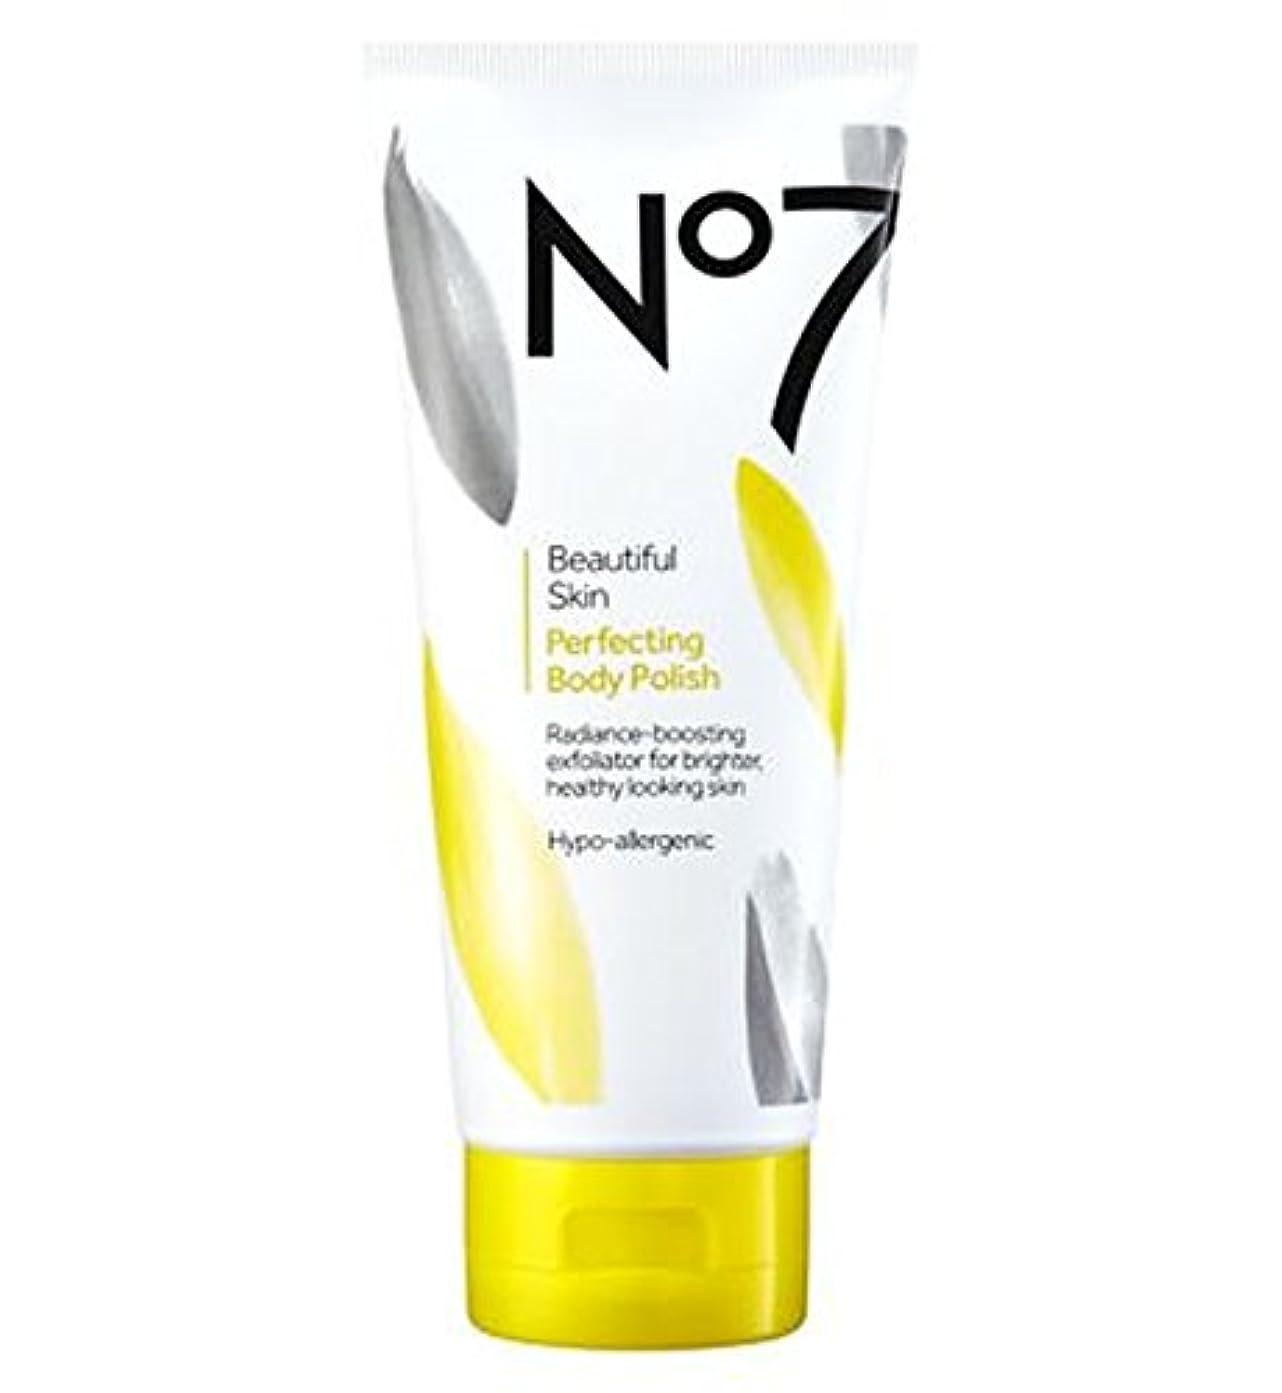 生きる対称宝石No7 Beautiful Skin Perfecting Body Polish - ボディポリッシュを完成No7美肌 (No7) [並行輸入品]